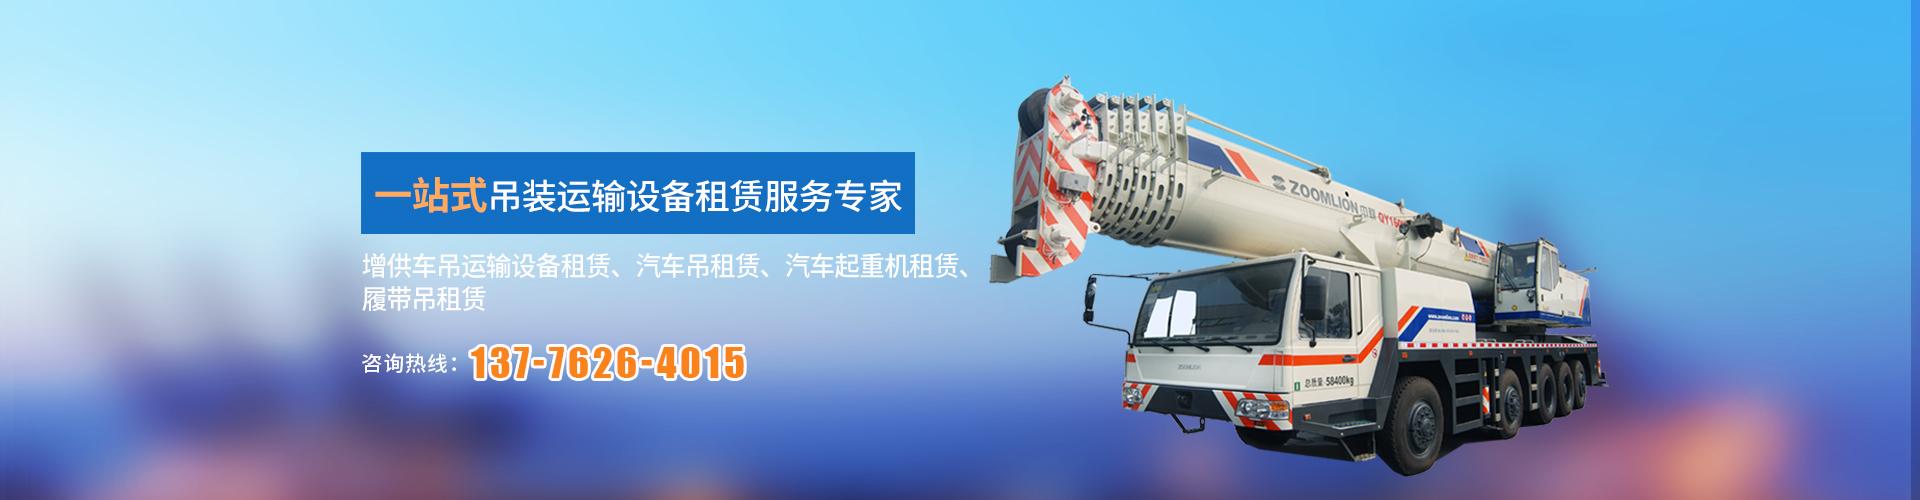 苏州云鼎起重吊装有限公司